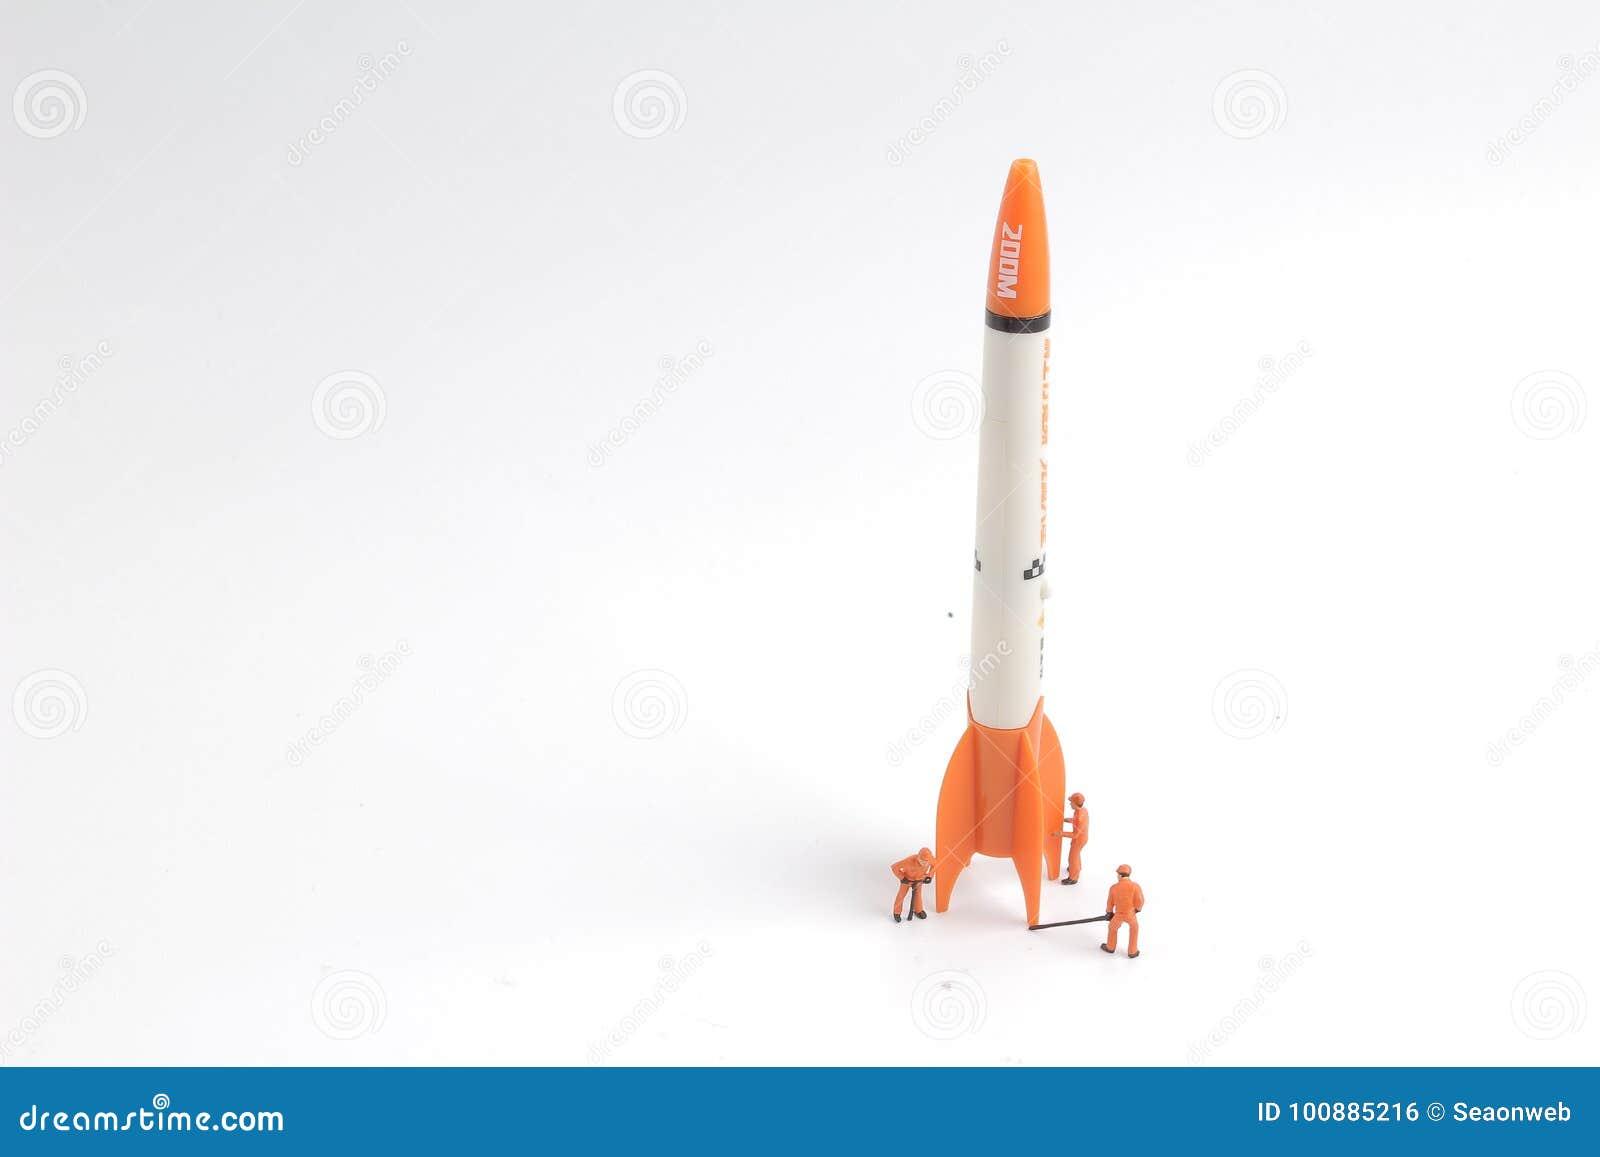 Retro Rocket Ship Stock Photos